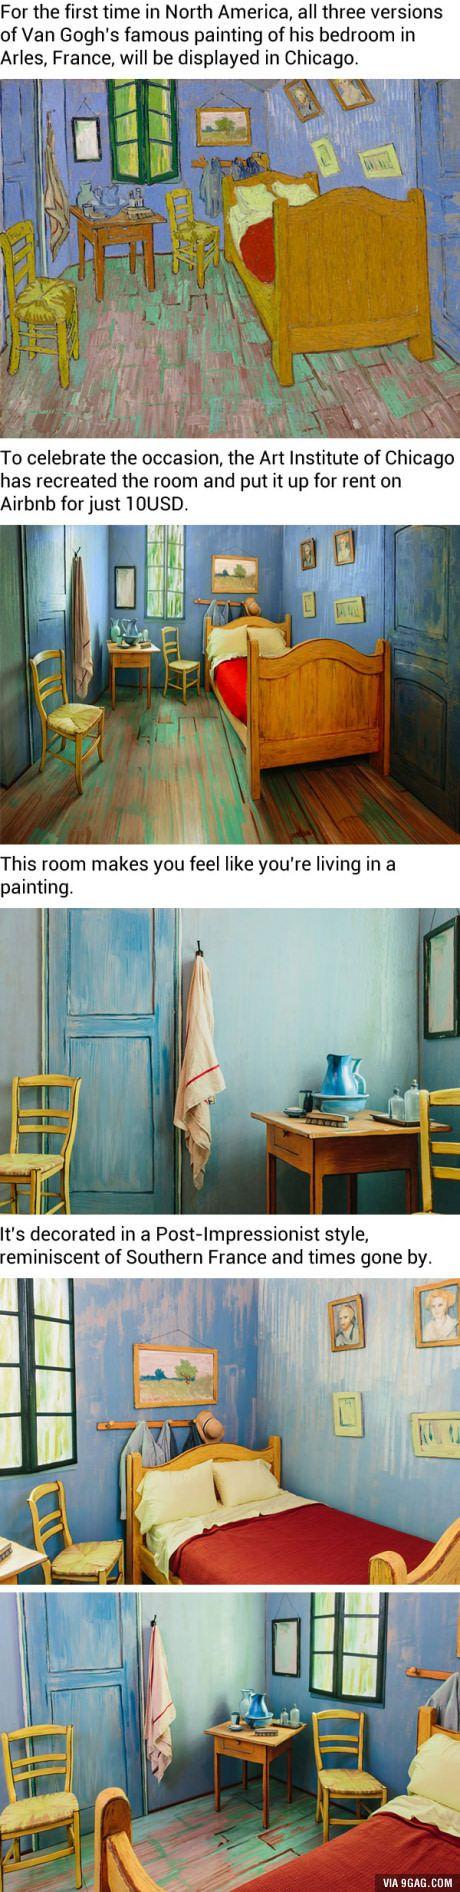 Painting The Bedroom 17 Best Ideas About Van Gogh Bedroom Painting On Pinterest Van